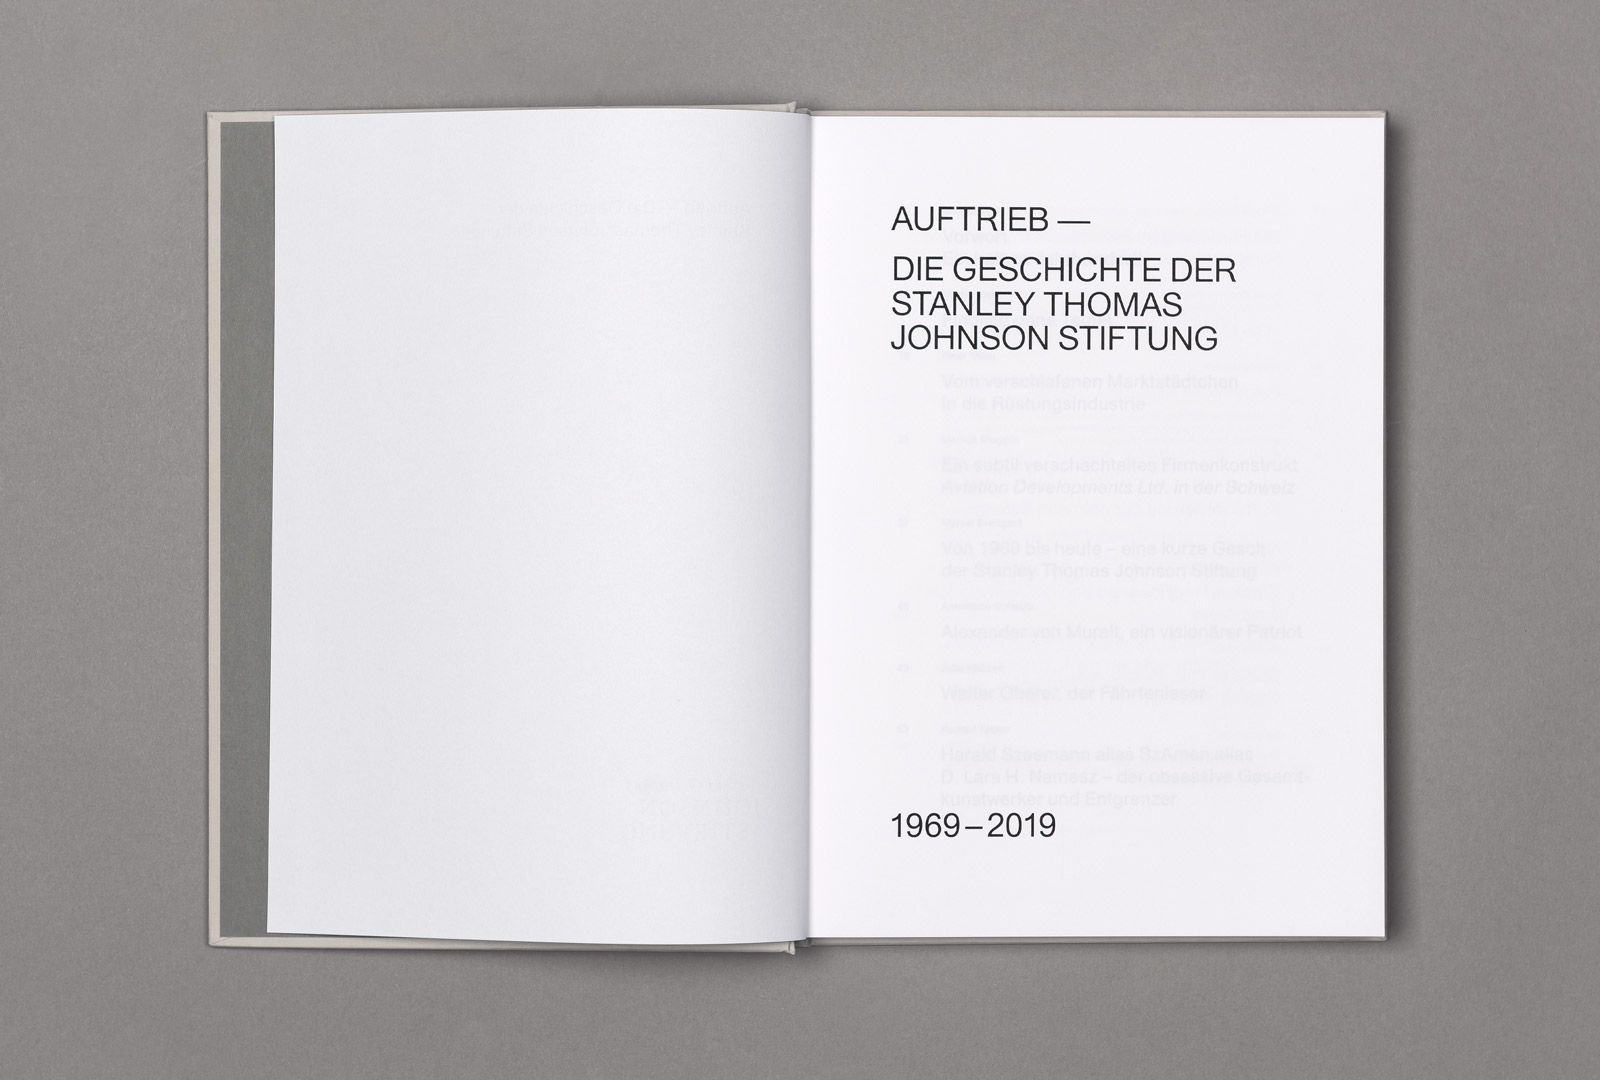 50 Jahre Stanley Thomas Johnson, die Publikation zum Jubiläum